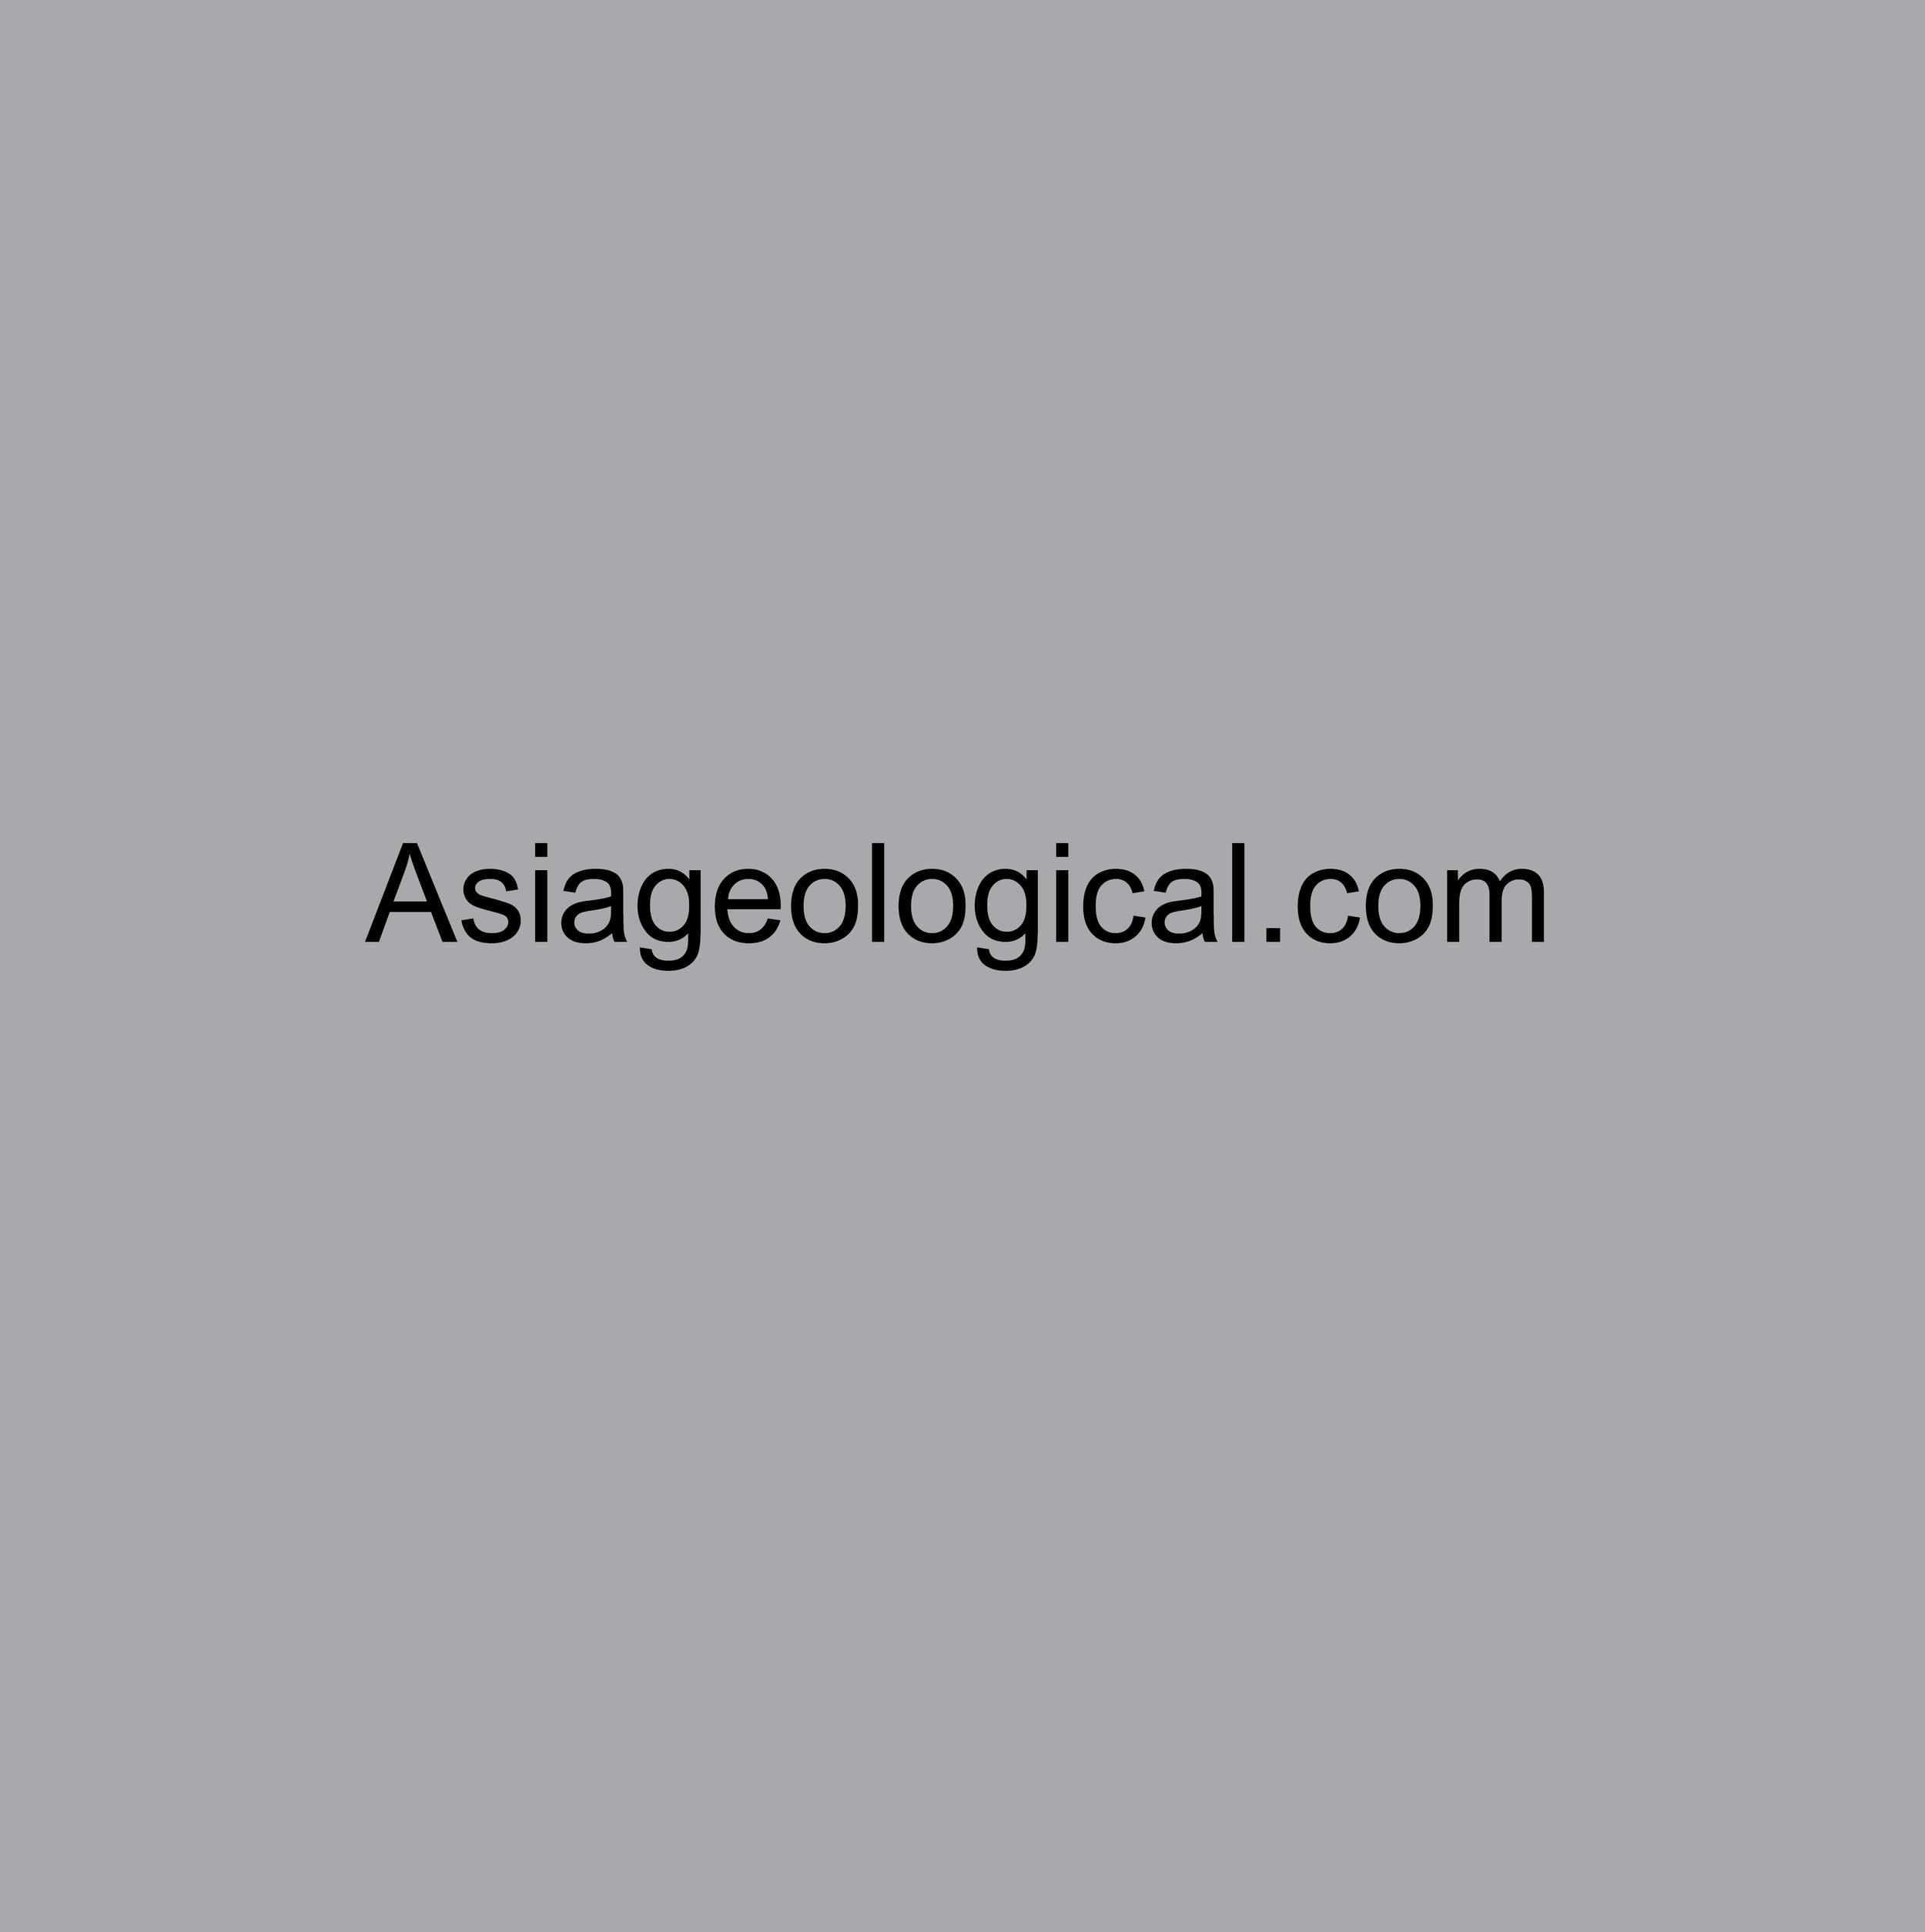 ASIAGEOLOGICAL.COM